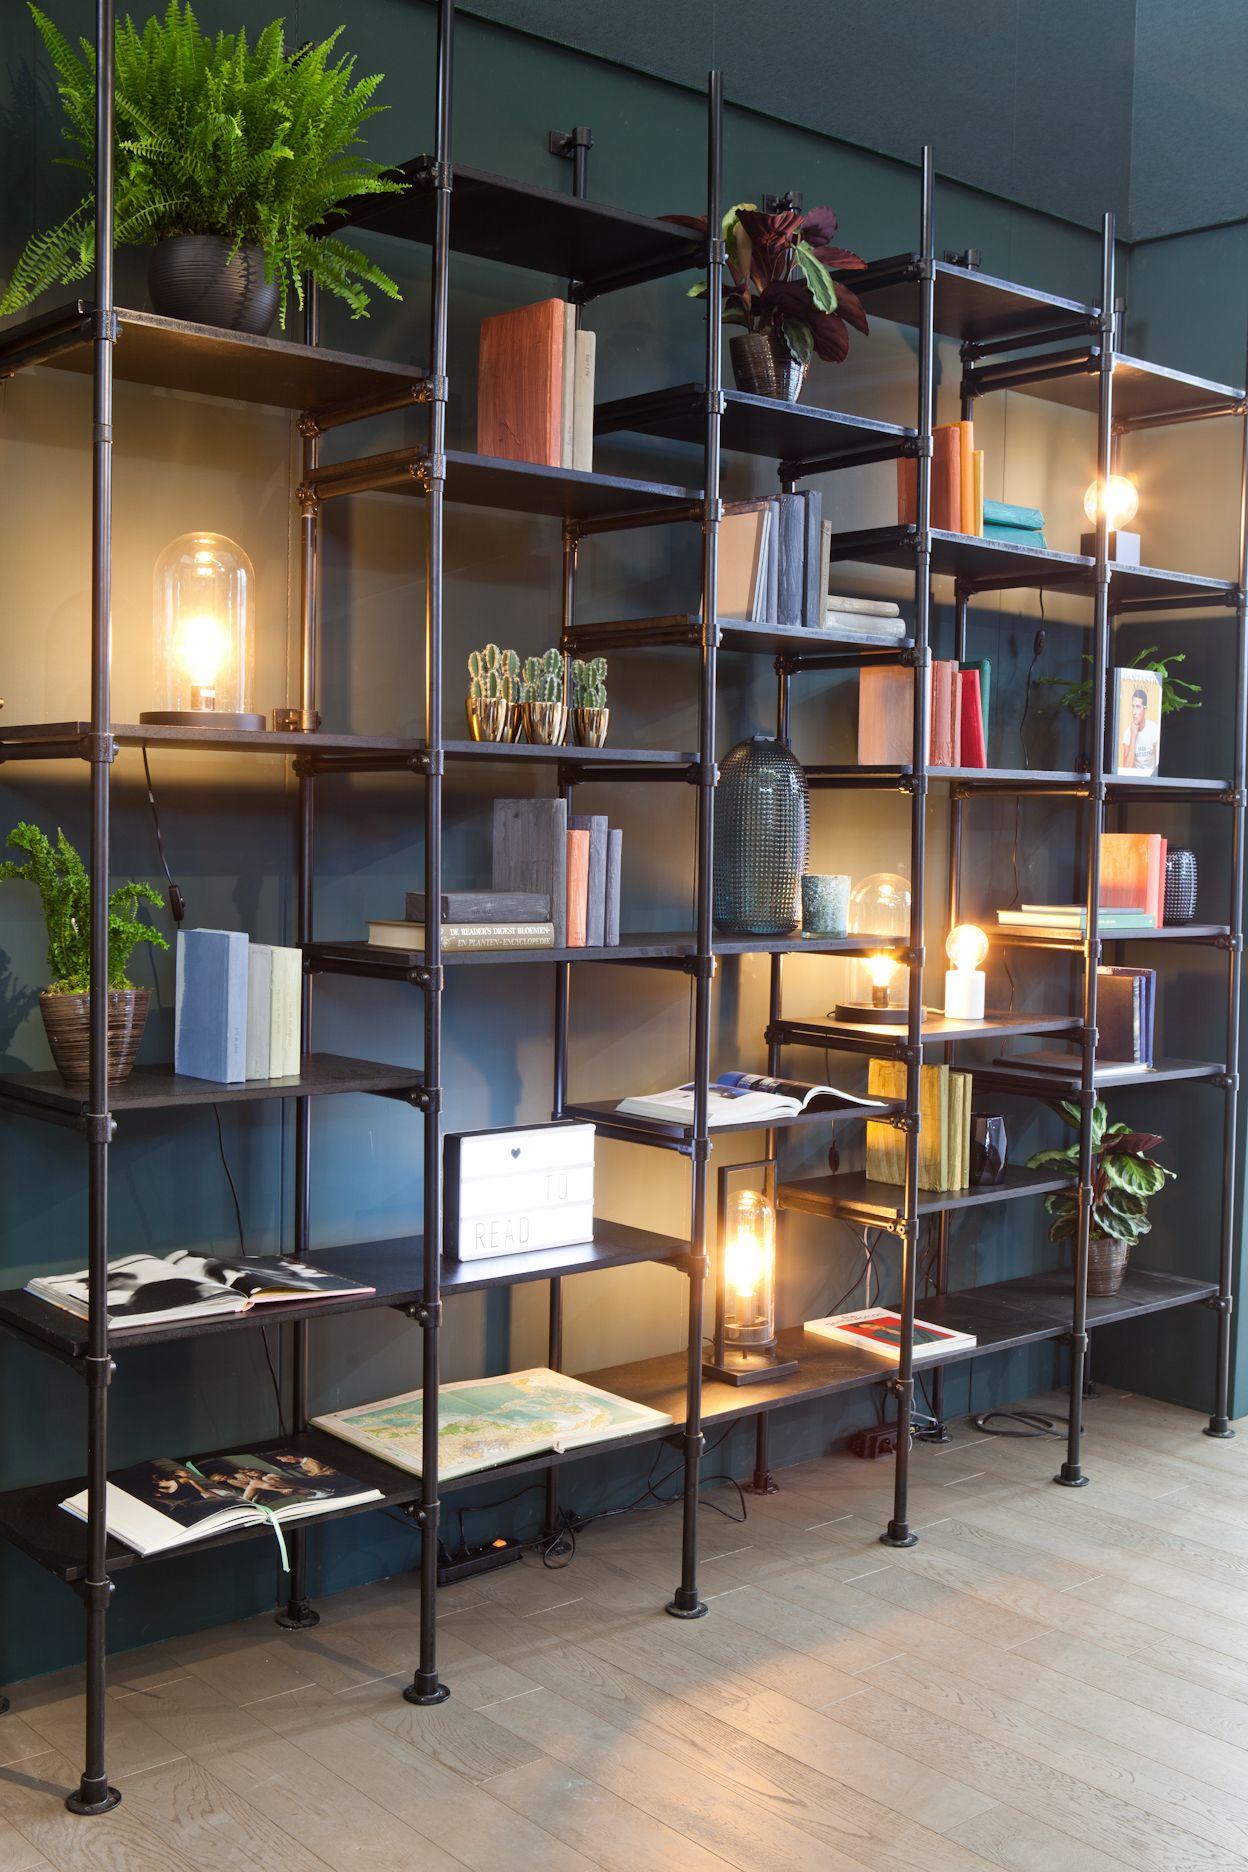 Stelling Op Maat.Welkom In Het Boutique Hotel Van Karwei Interieur En Design Home